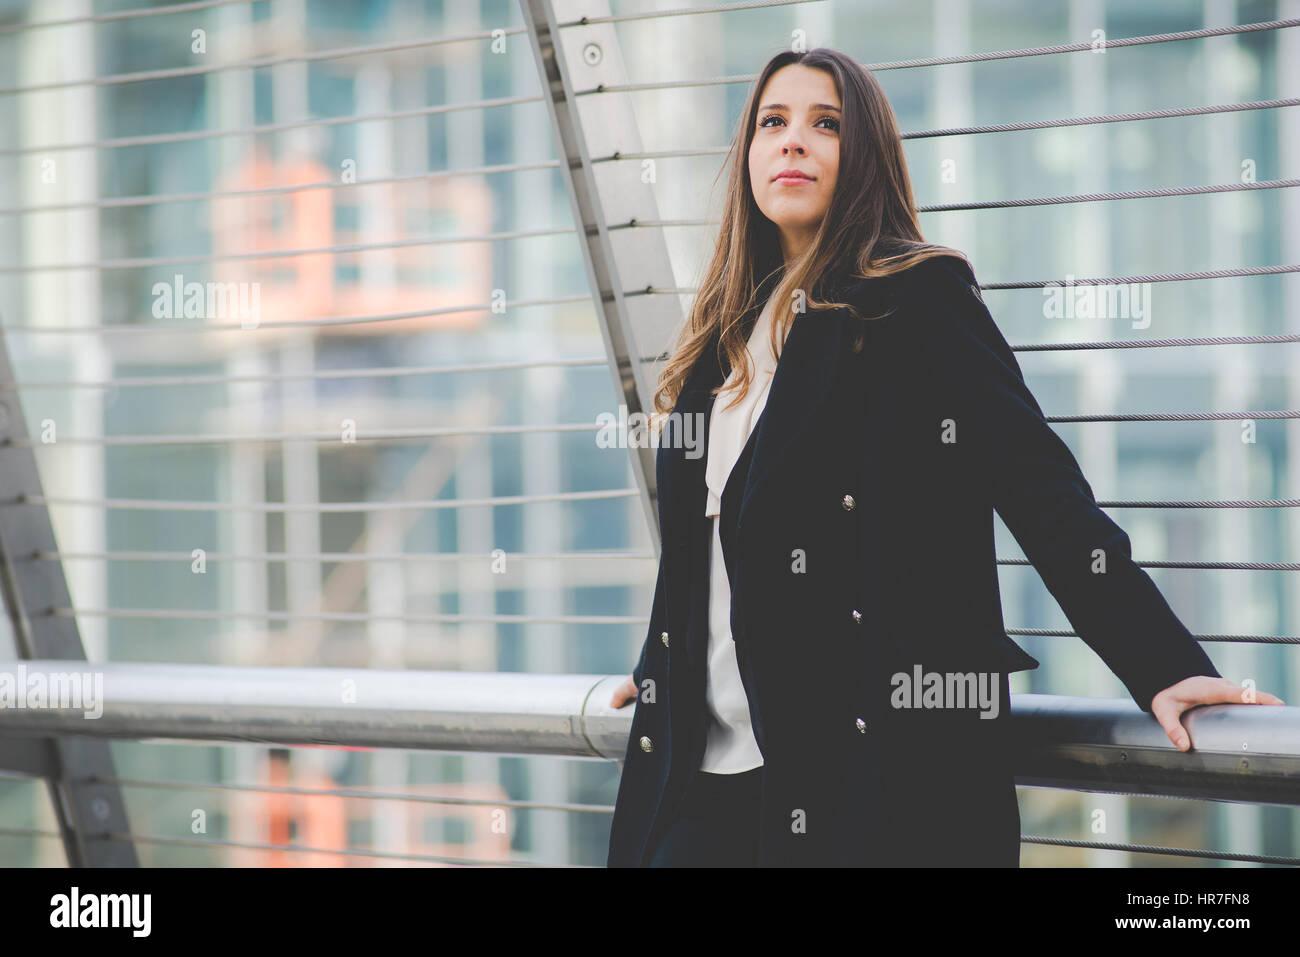 authentische junge Geschäftsfrau im städtischen Umfeld Stockbild